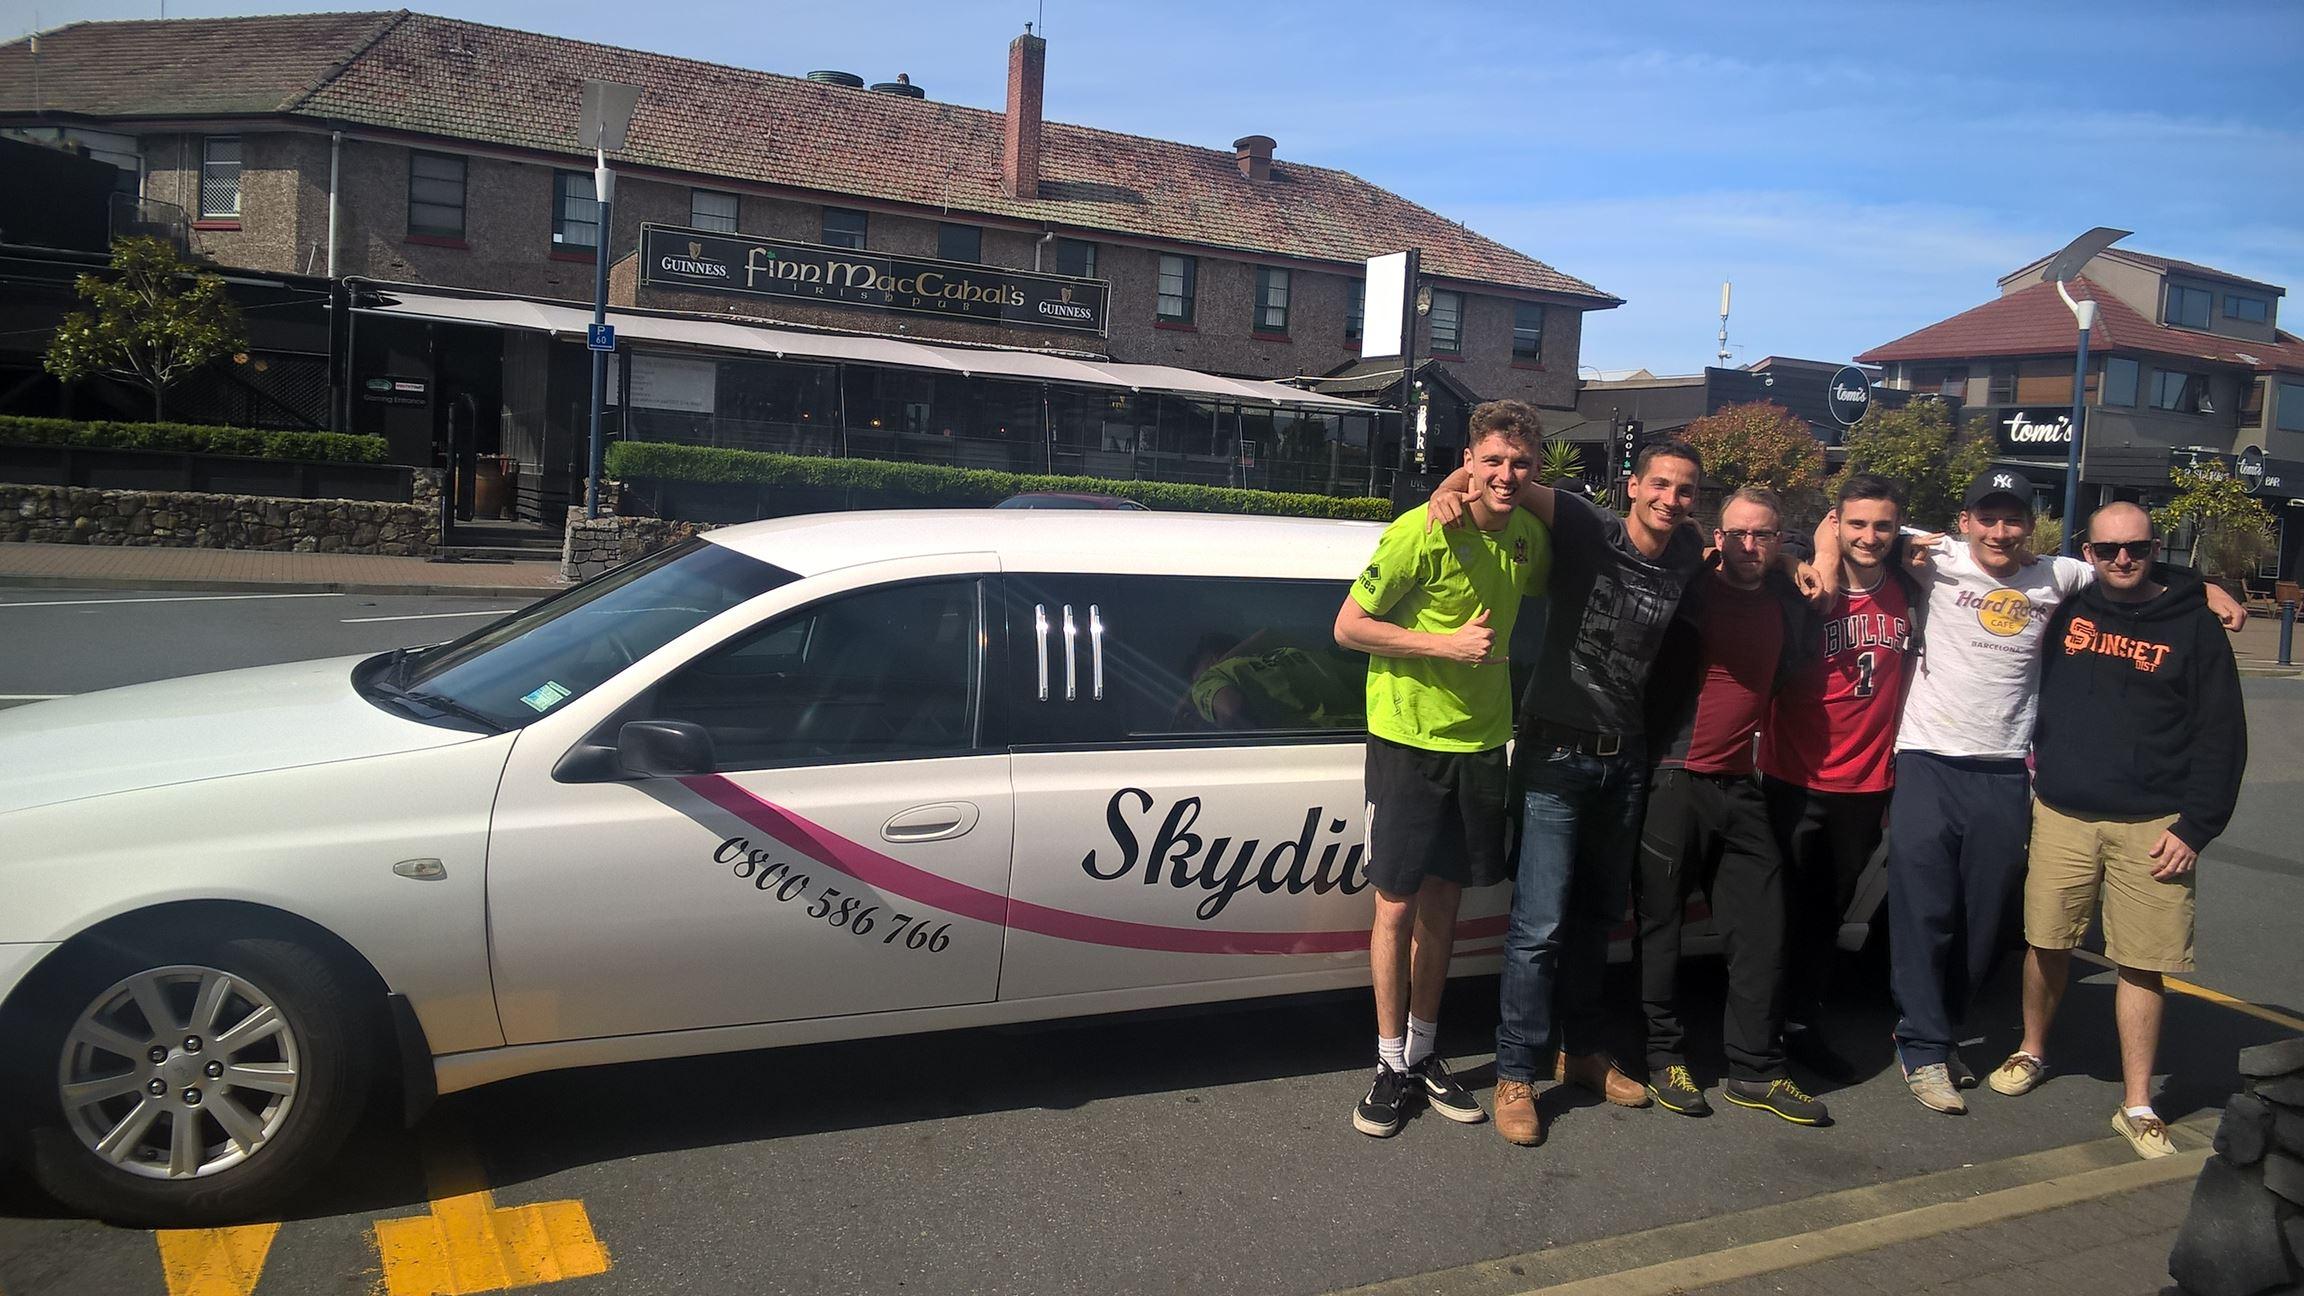 Diese Gruppe ist mit mir aus dem Flugzeug gesprungen: Brad, Ich, Johan, Andrew, David und Sean (v.l.)